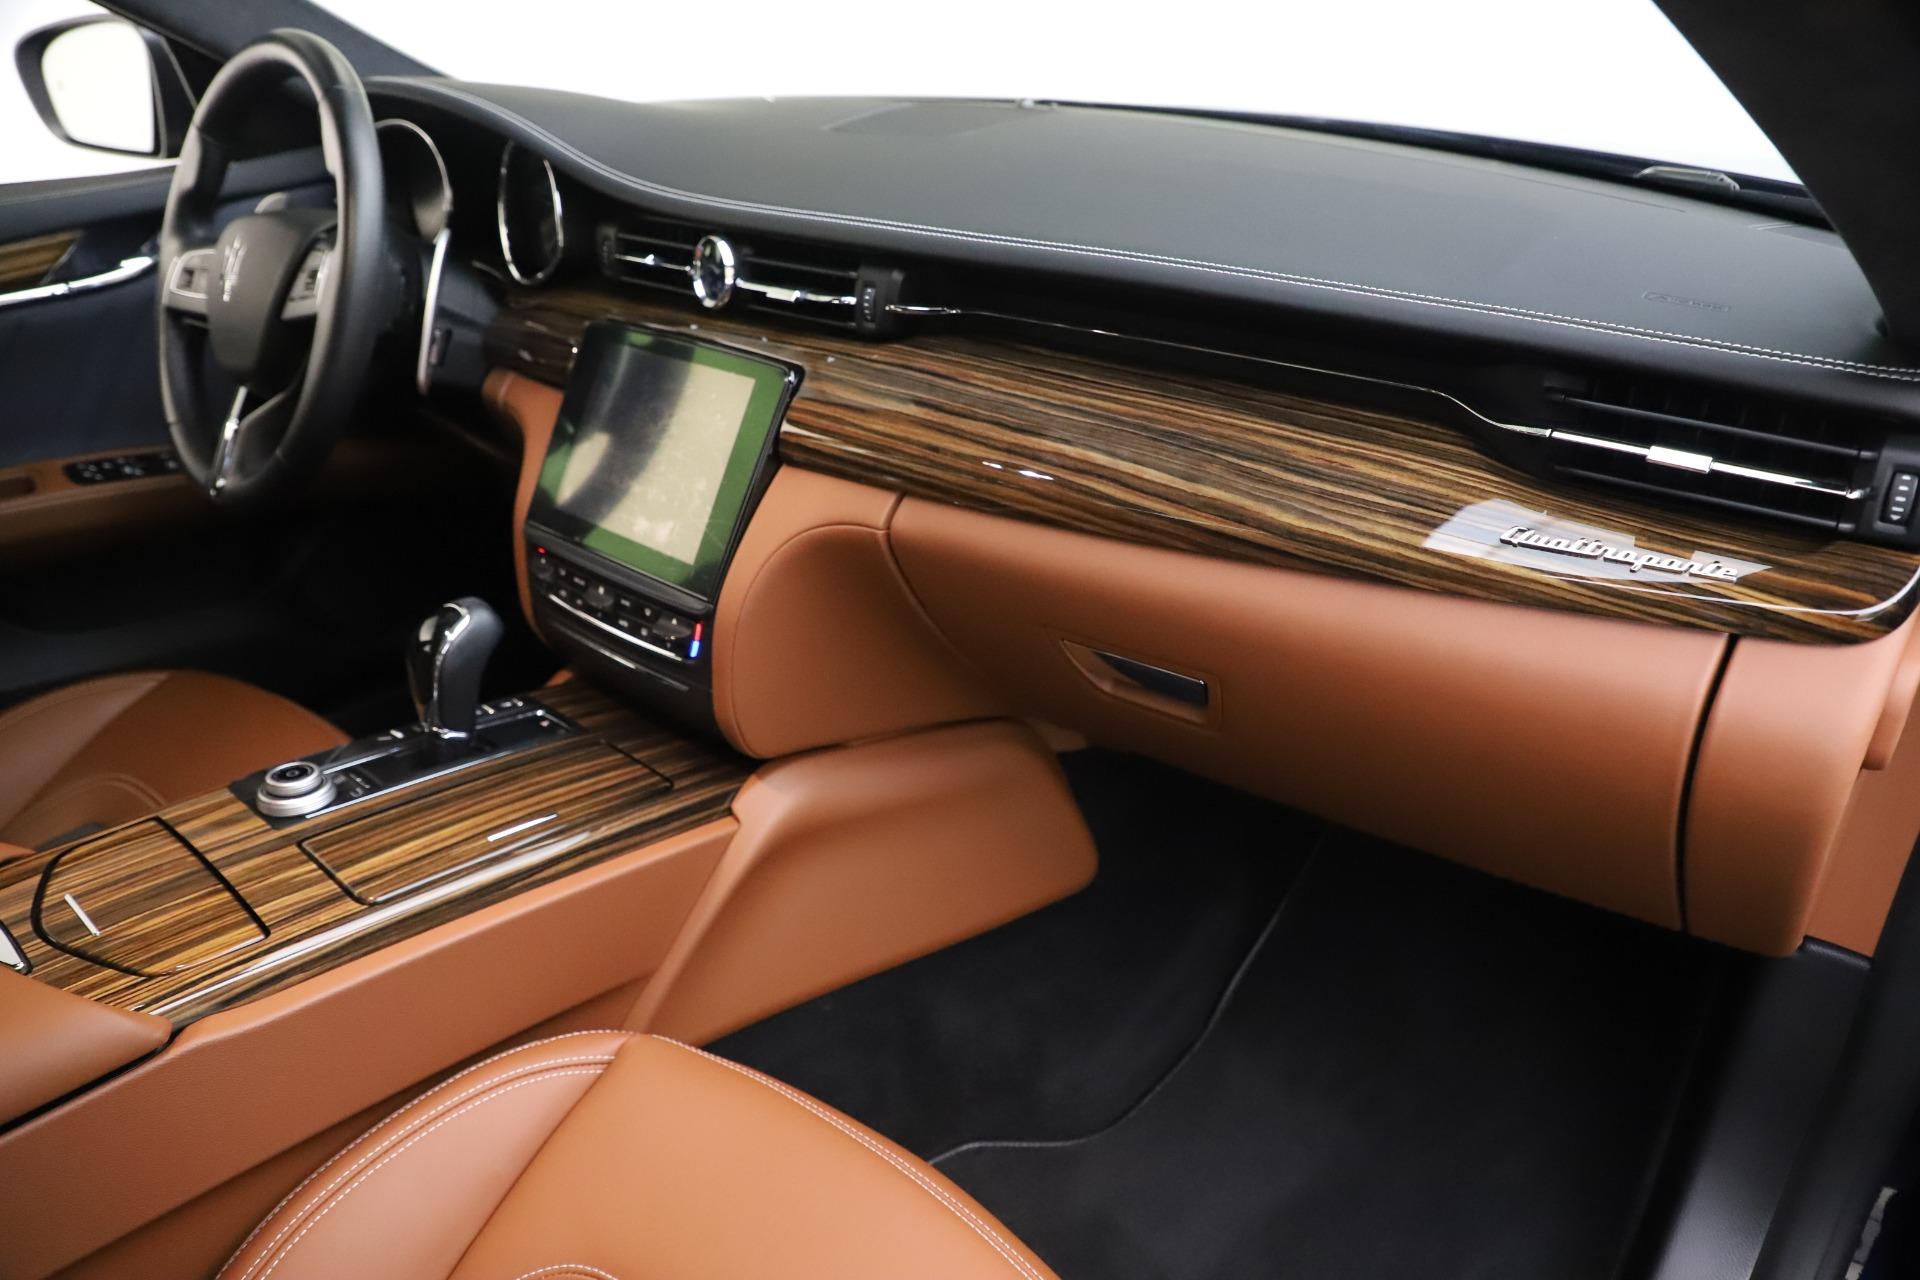 Used 2017 Maserati Quattroporte S Q4 GranLusso For Sale In Greenwich, CT 3553_p22